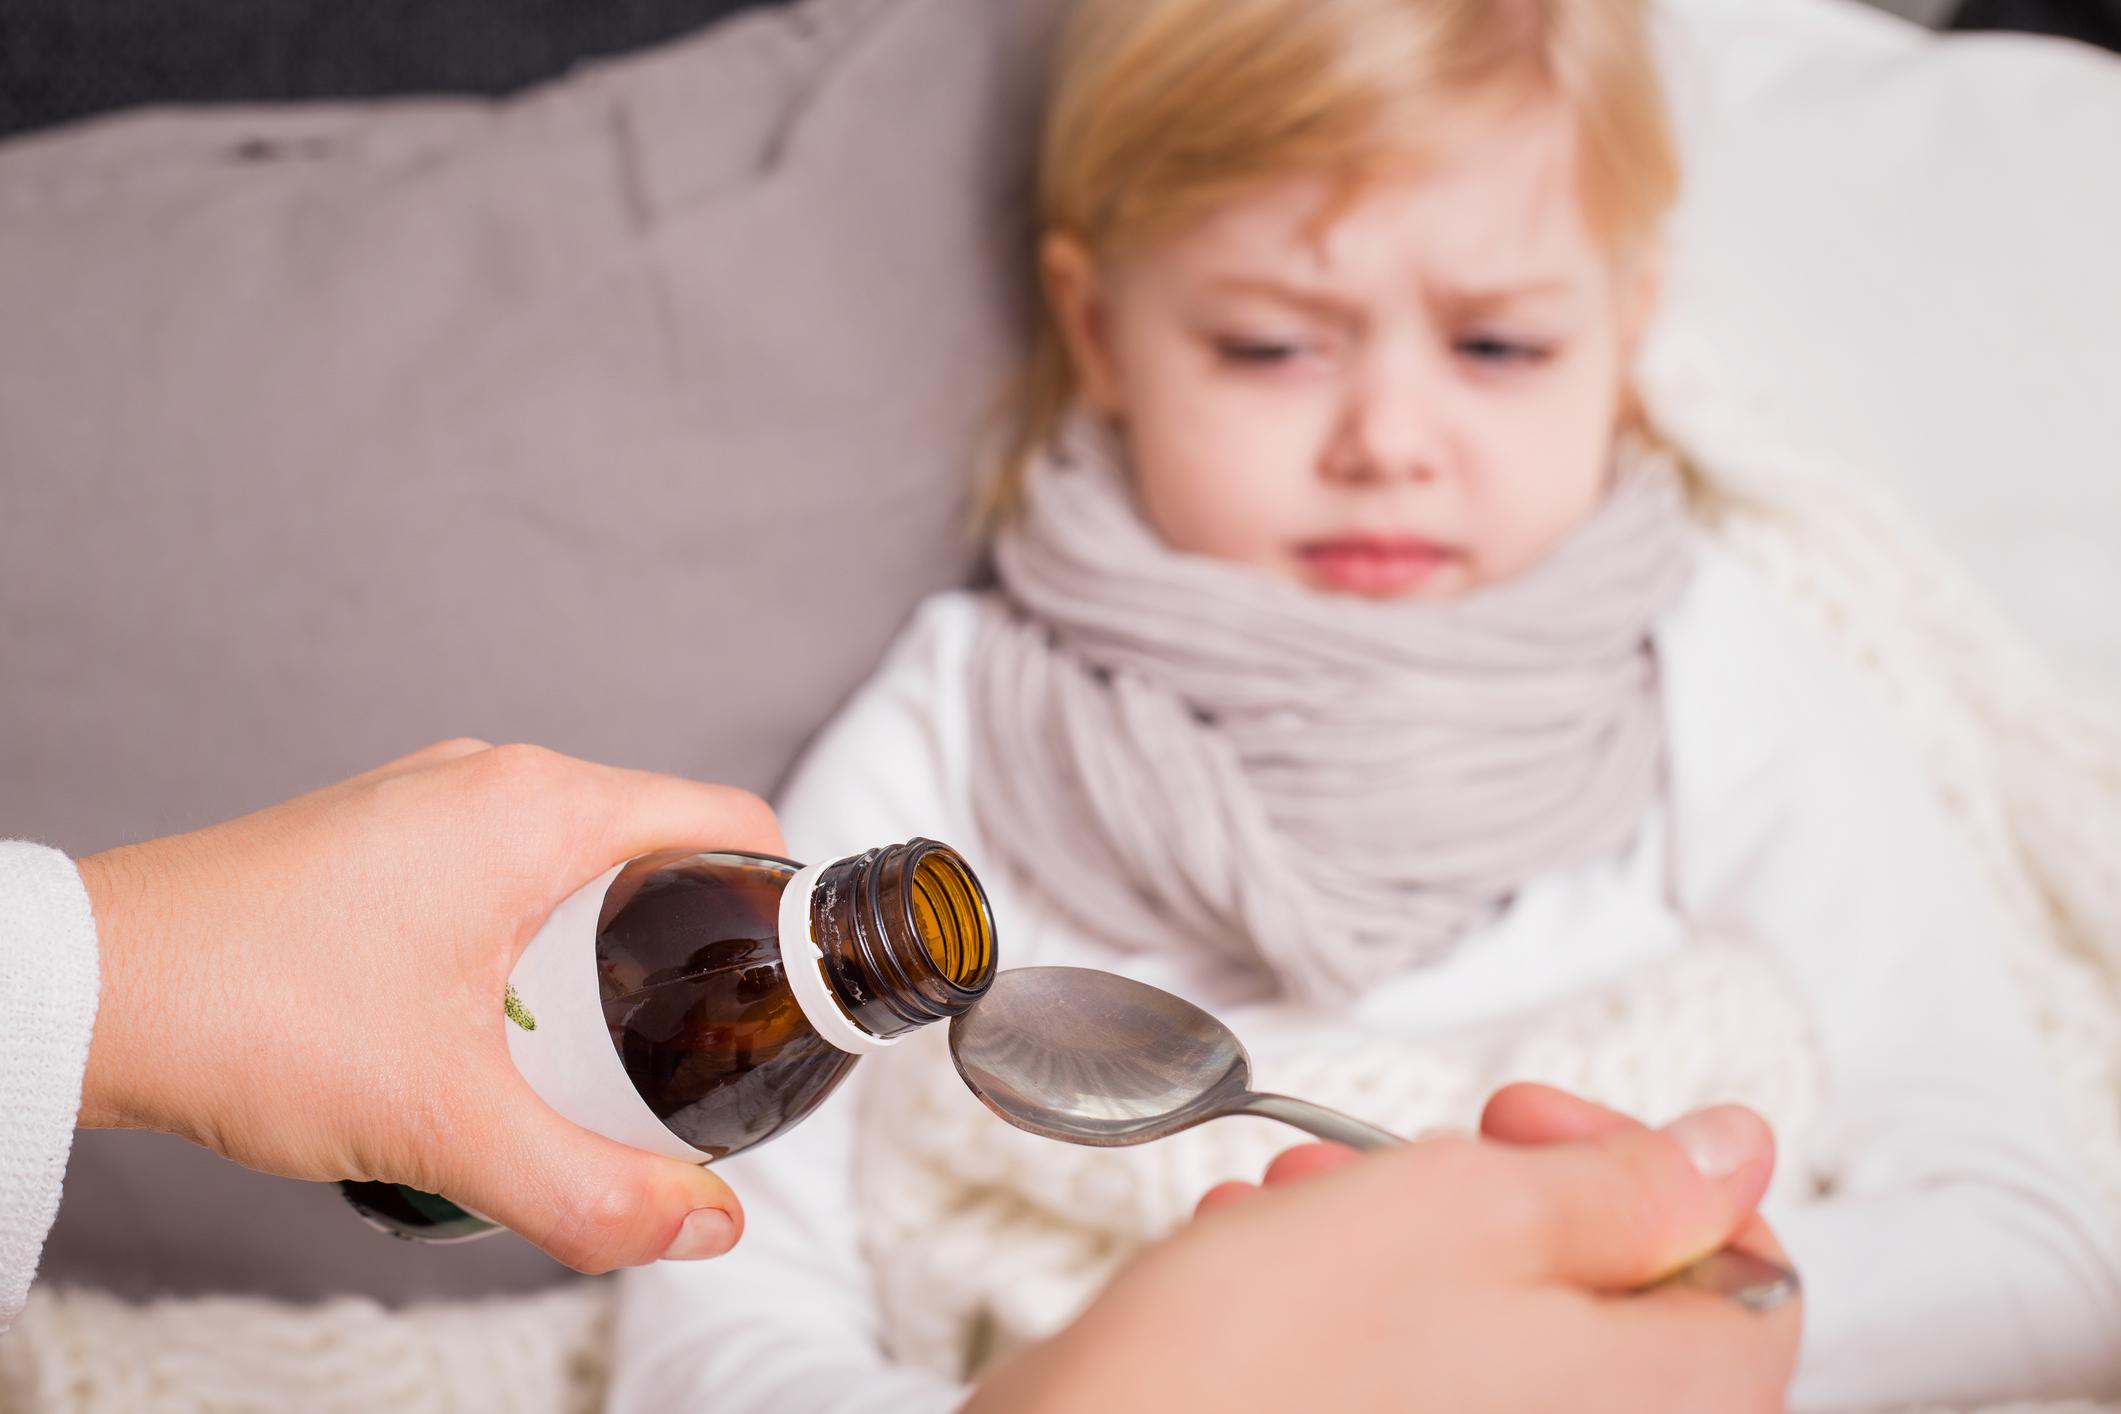 Бронхит у детей: симптомы, виды, лечение, диагностика, профилактика